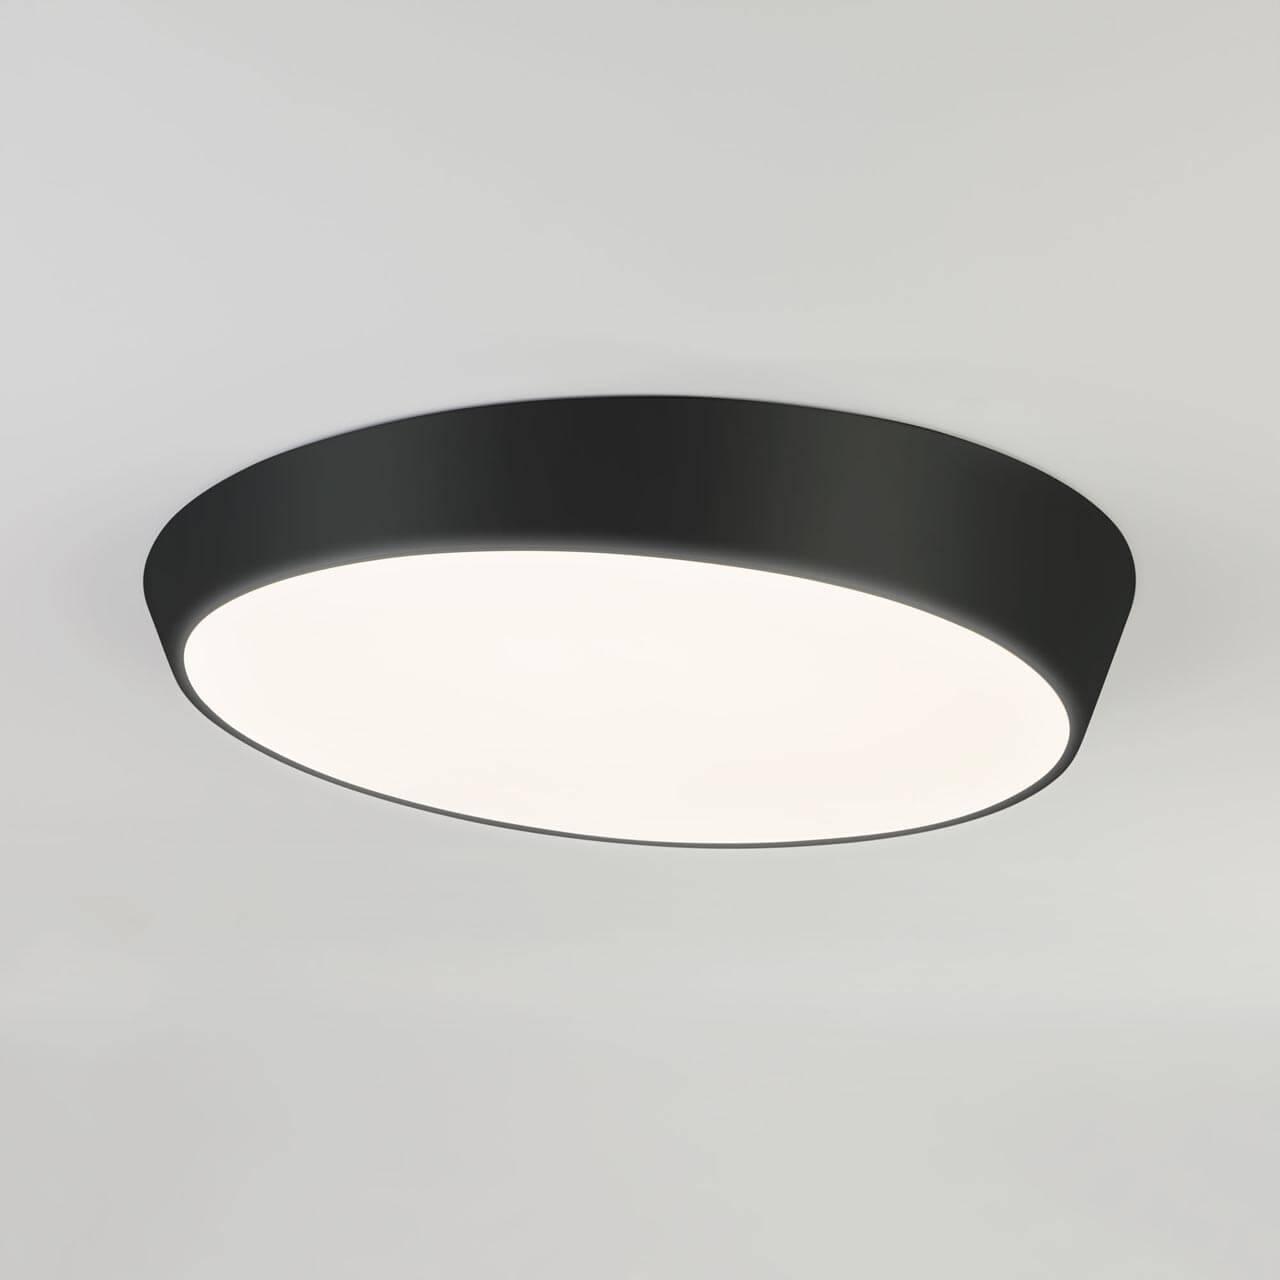 Потолочный светильник Eurosvet 90114/1 черный, черный